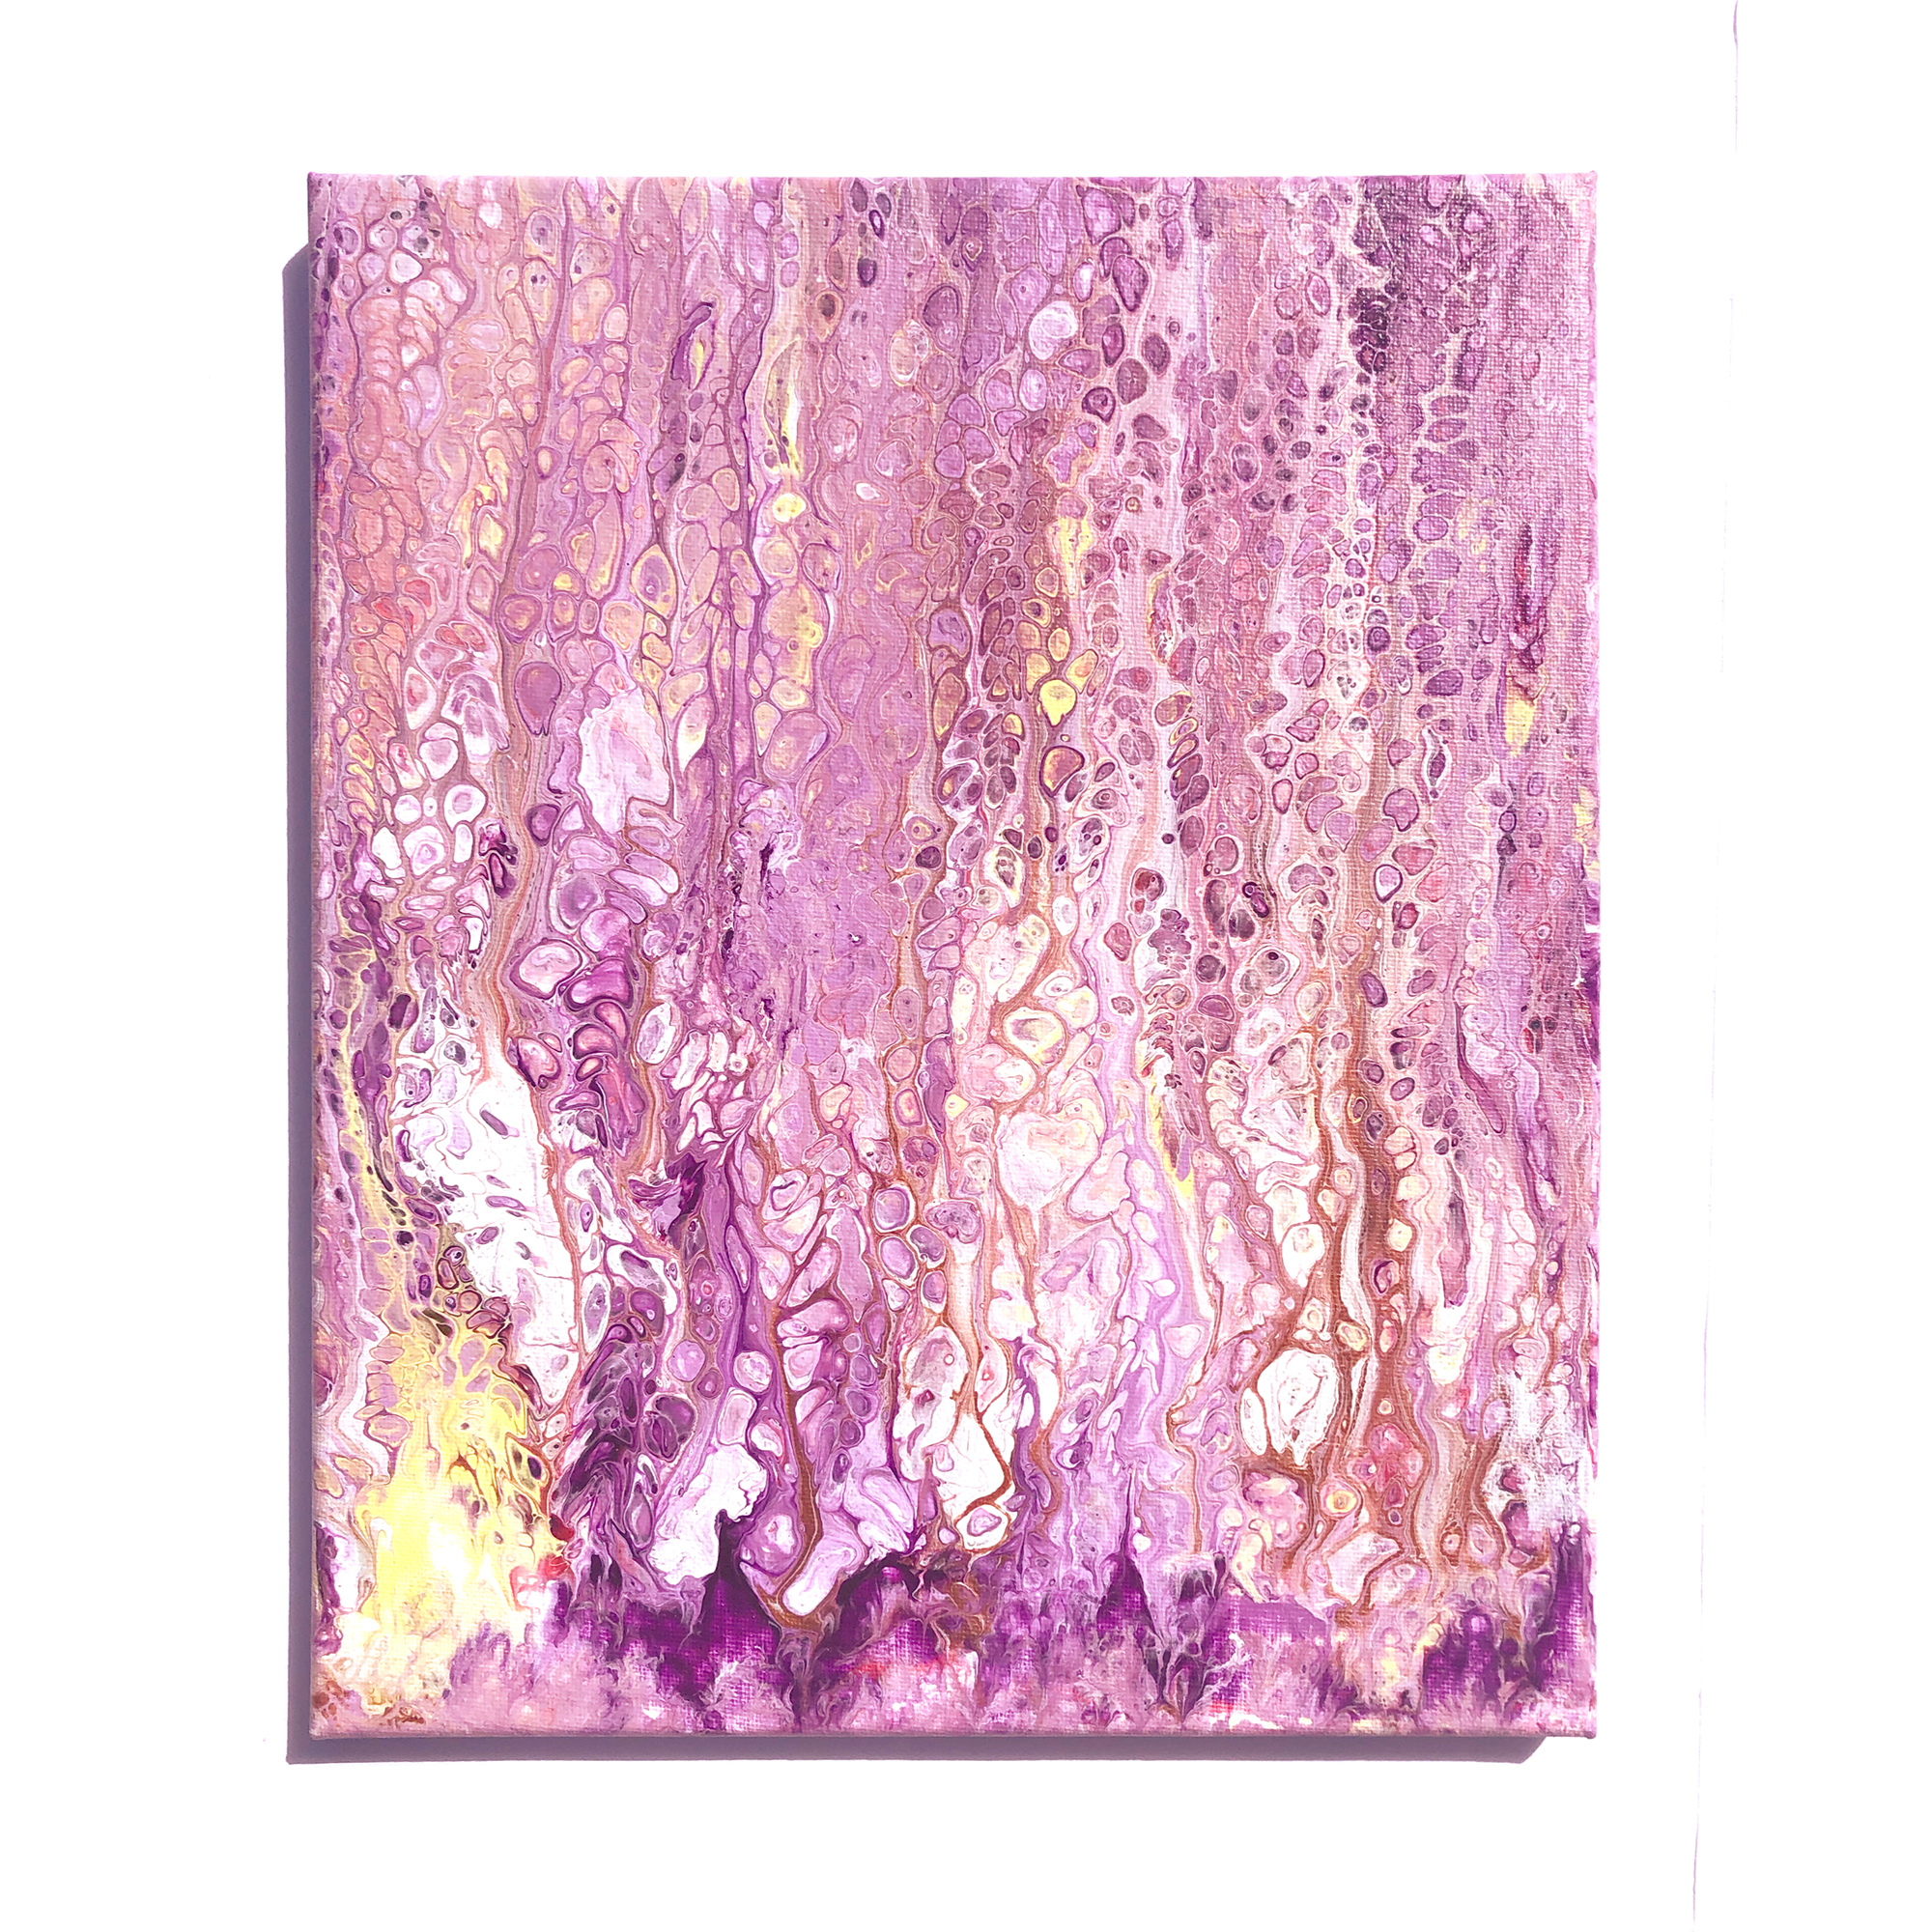 Pink champagne   img 5806 v5 final ig h4vphk